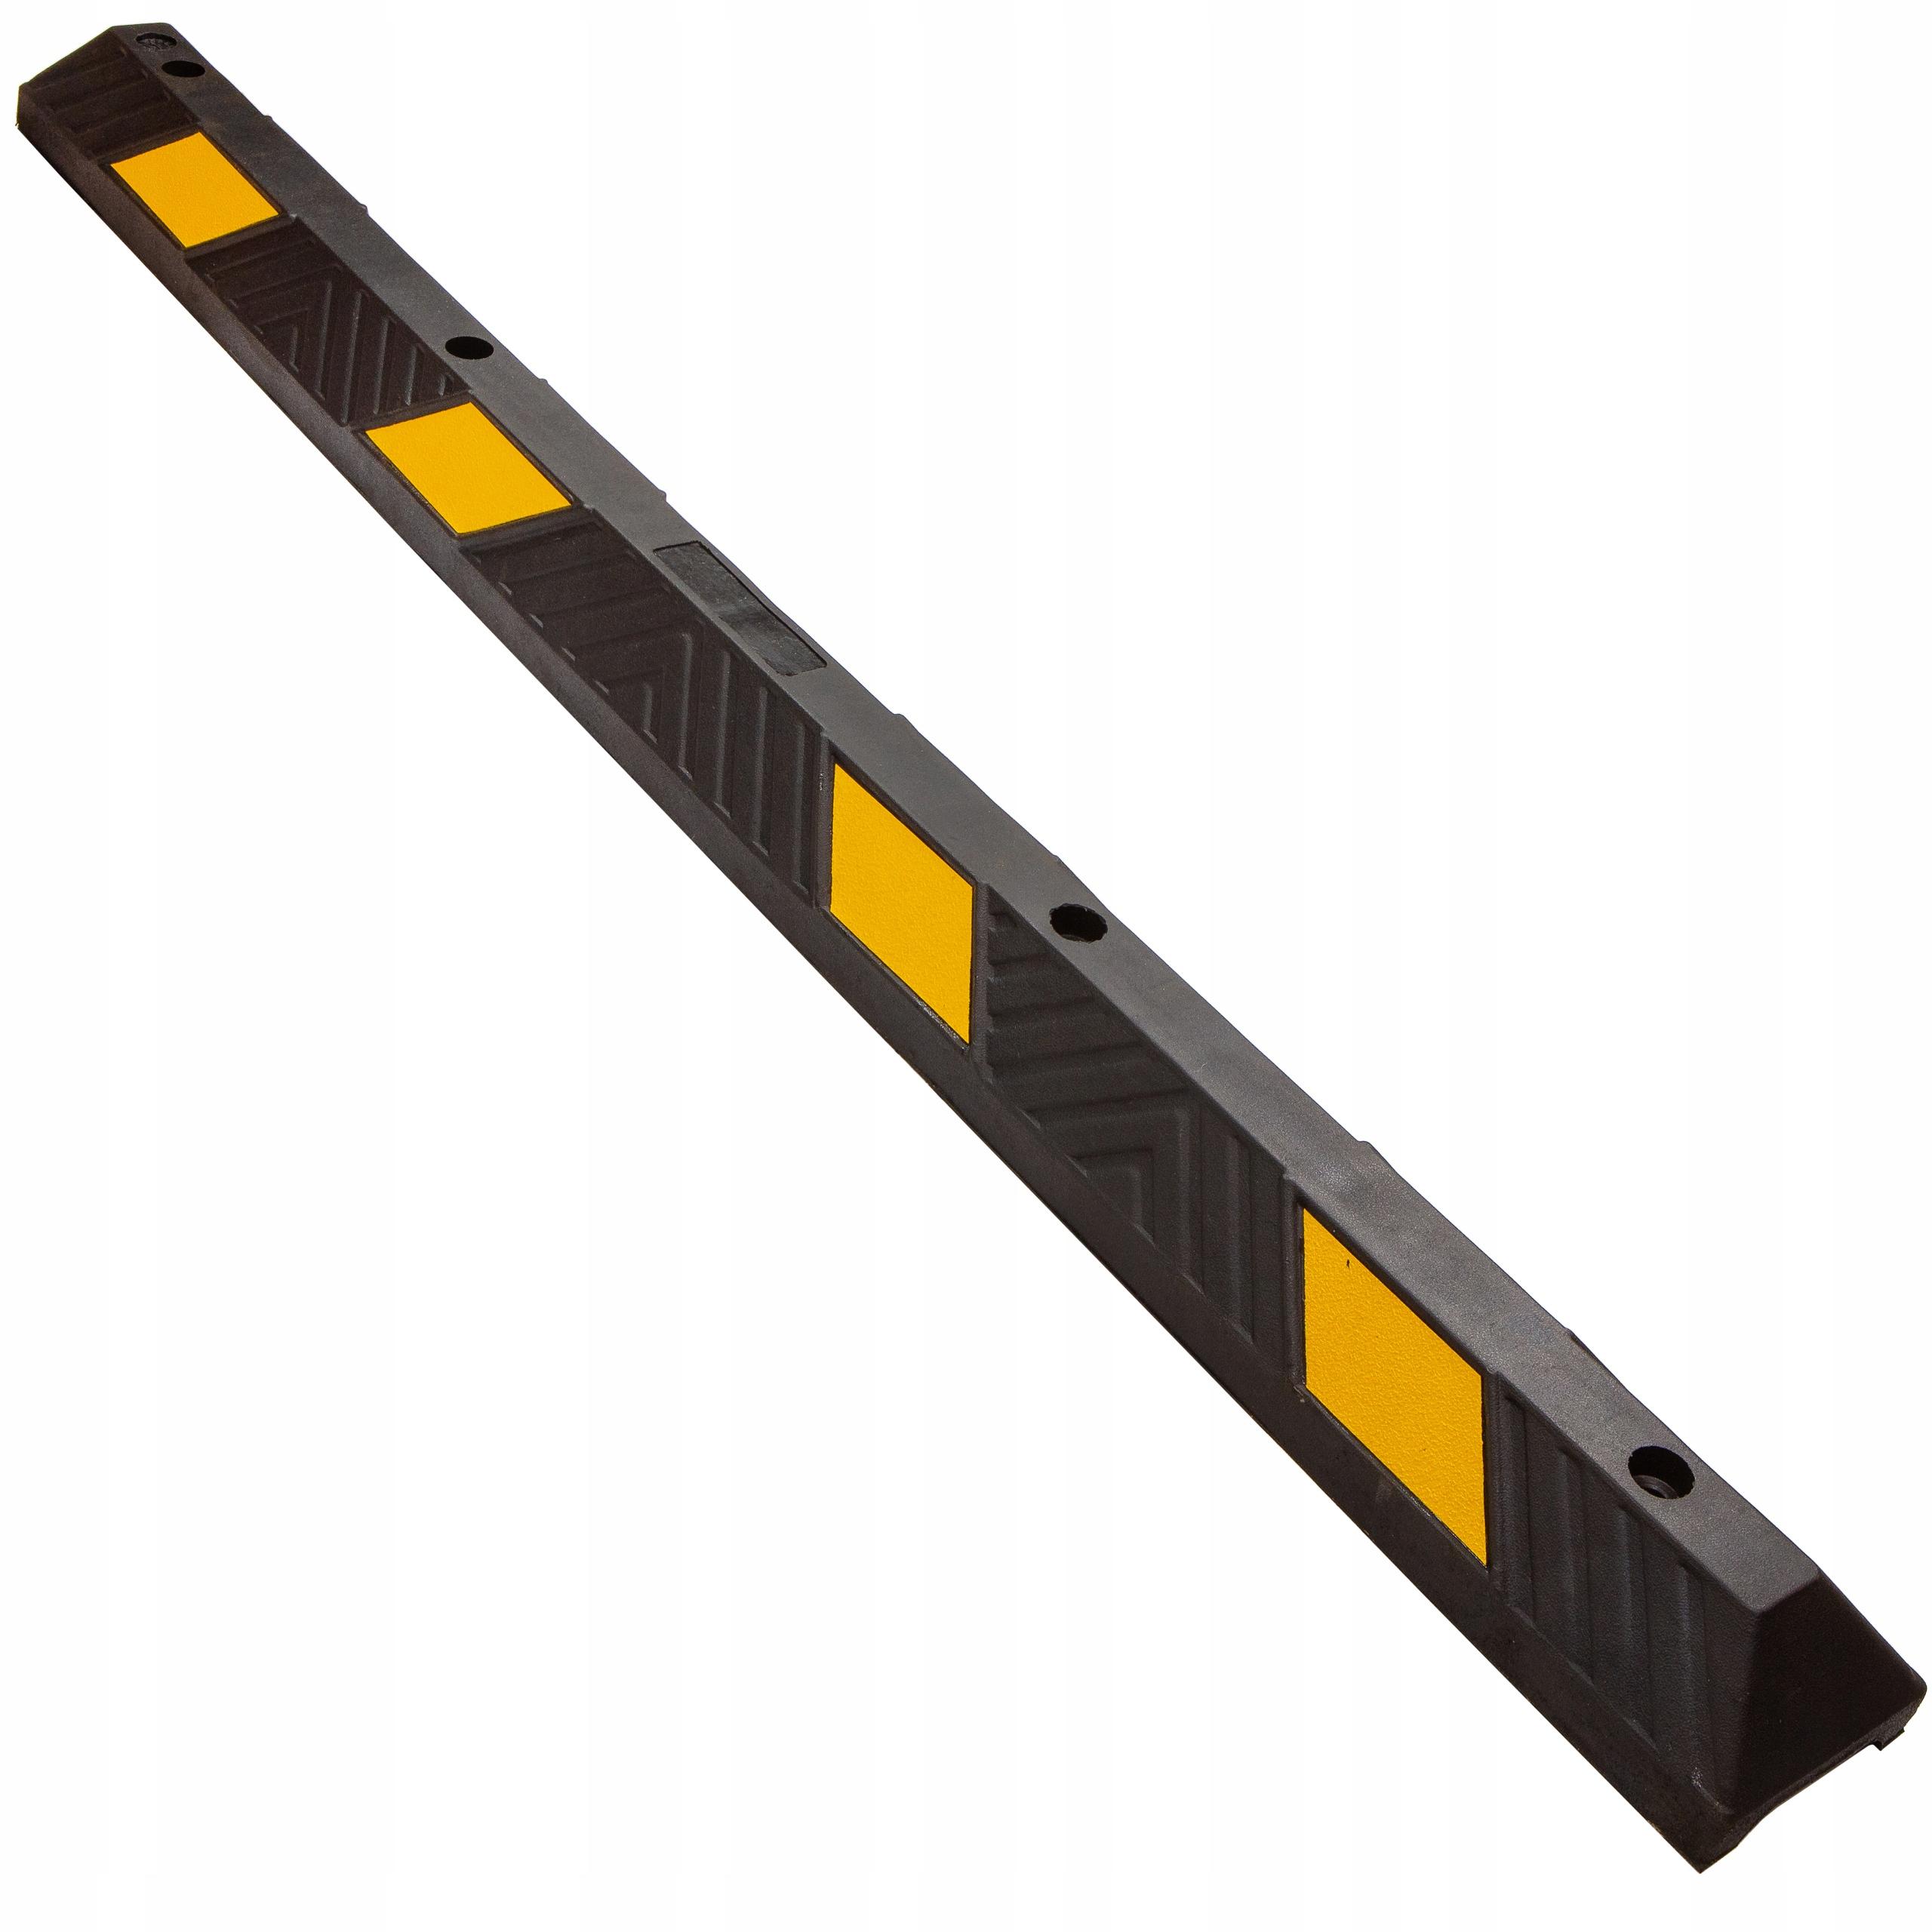 Ogranicznik parkingowy separator odbojnica 183cm